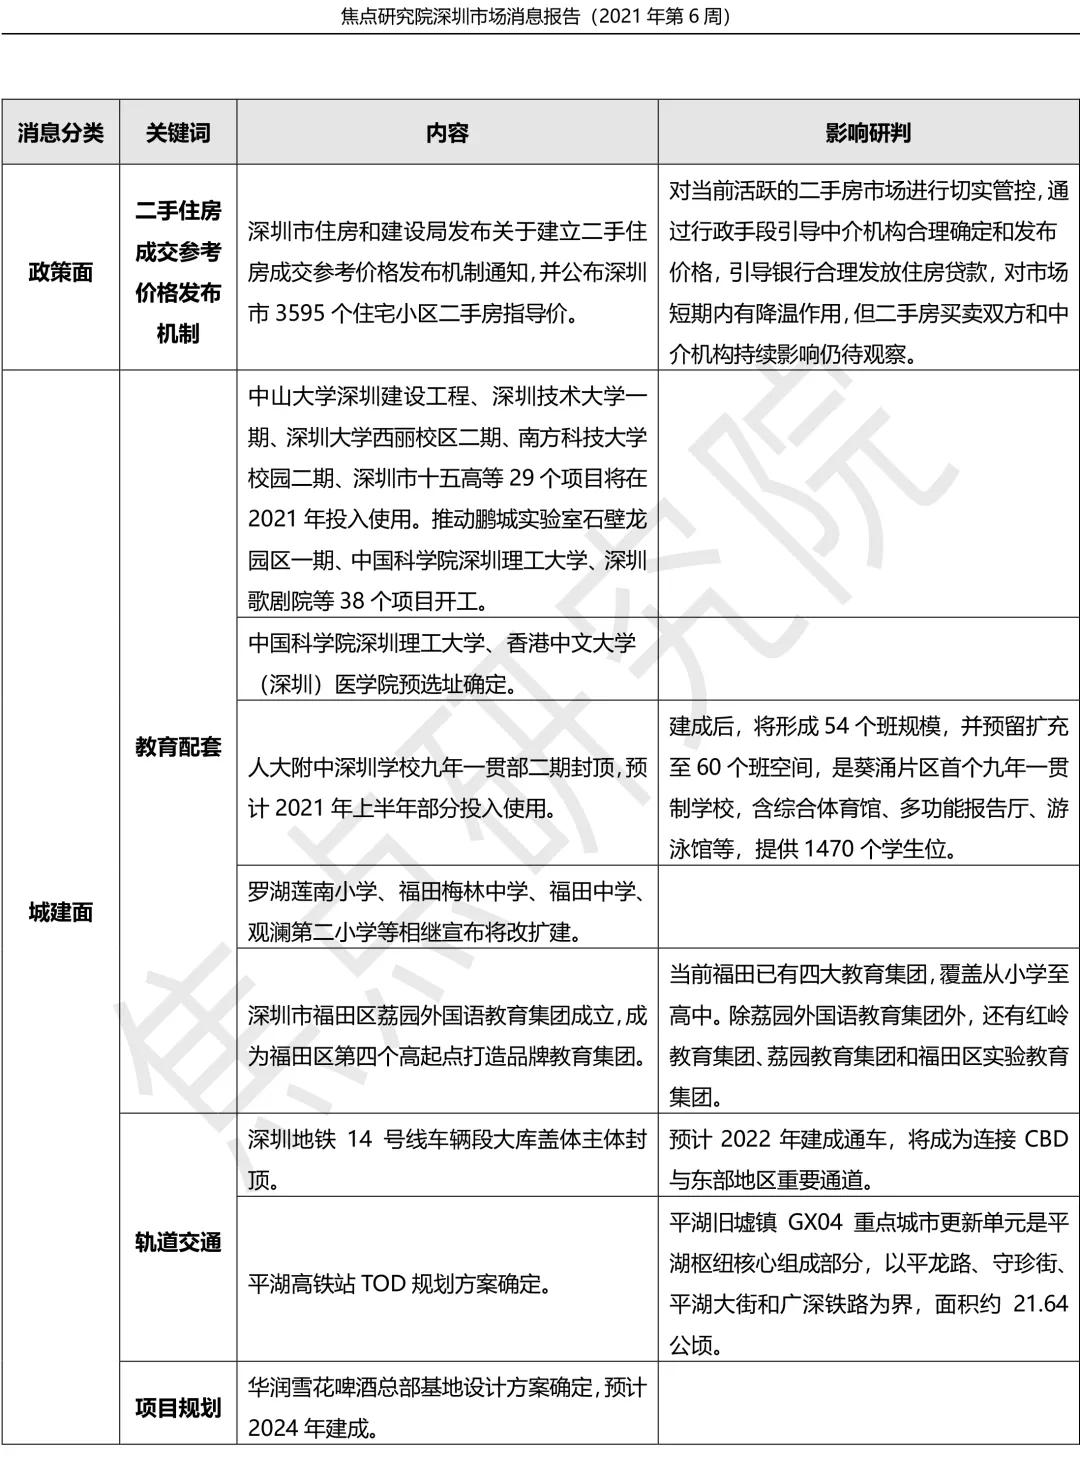 深圳新出售1252套住宅,行政手段将干预二手房交易价格